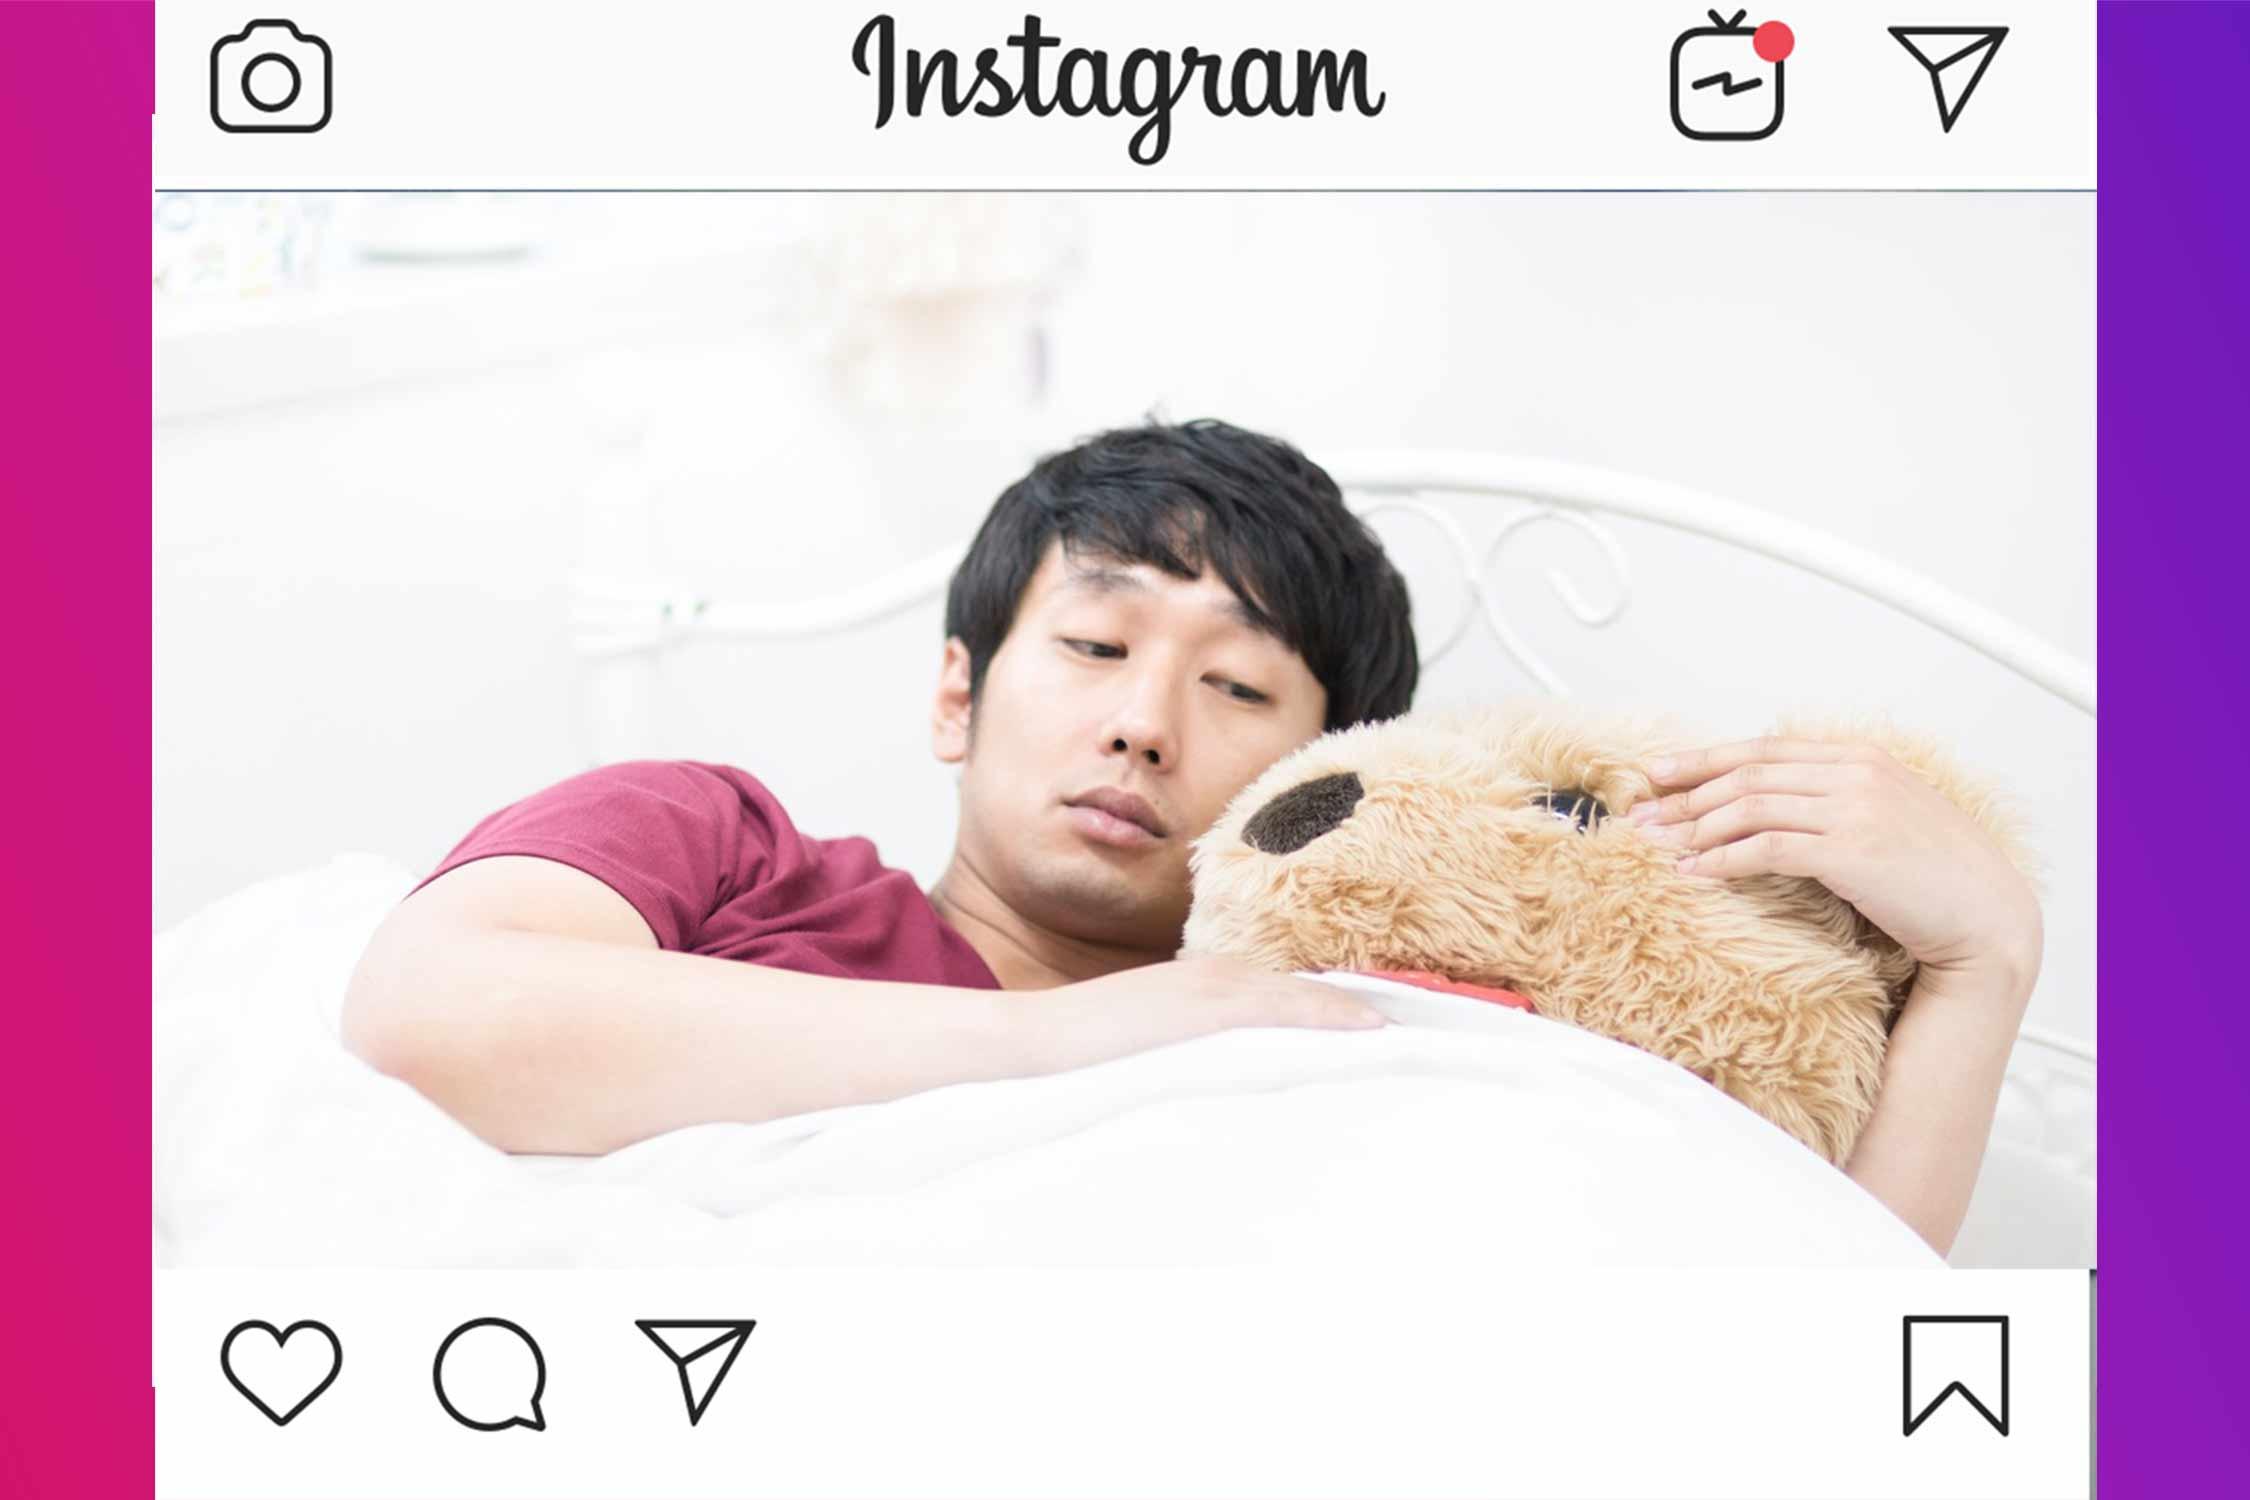 子供と添い寝している人 イメージ